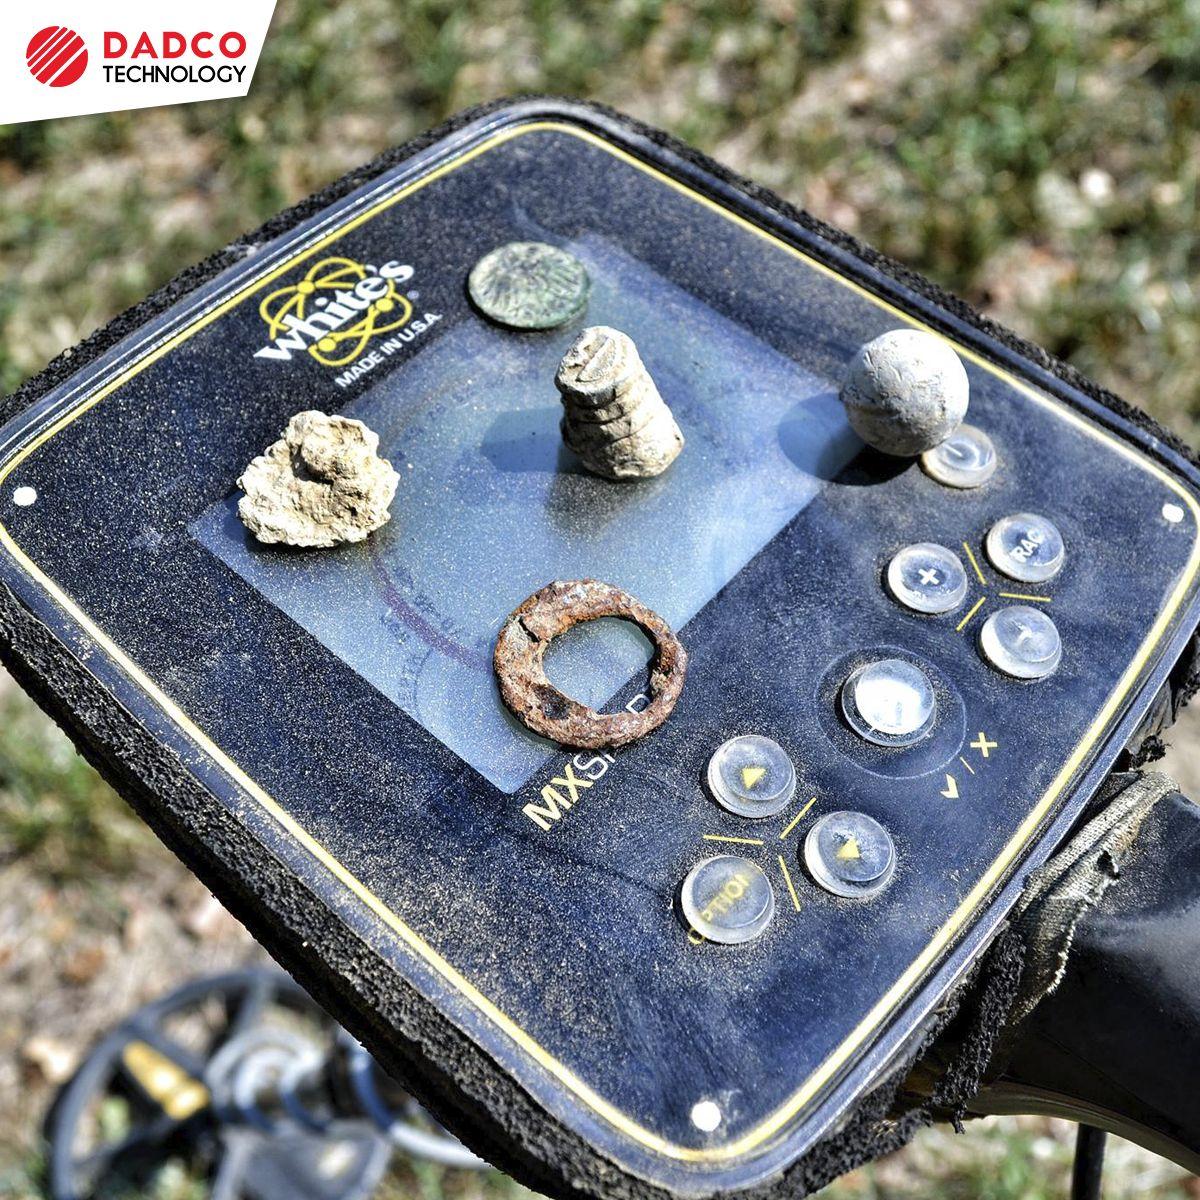 Detector de Metales para Ubicar Monedas Oro Plata Tesoros Metales y Mas